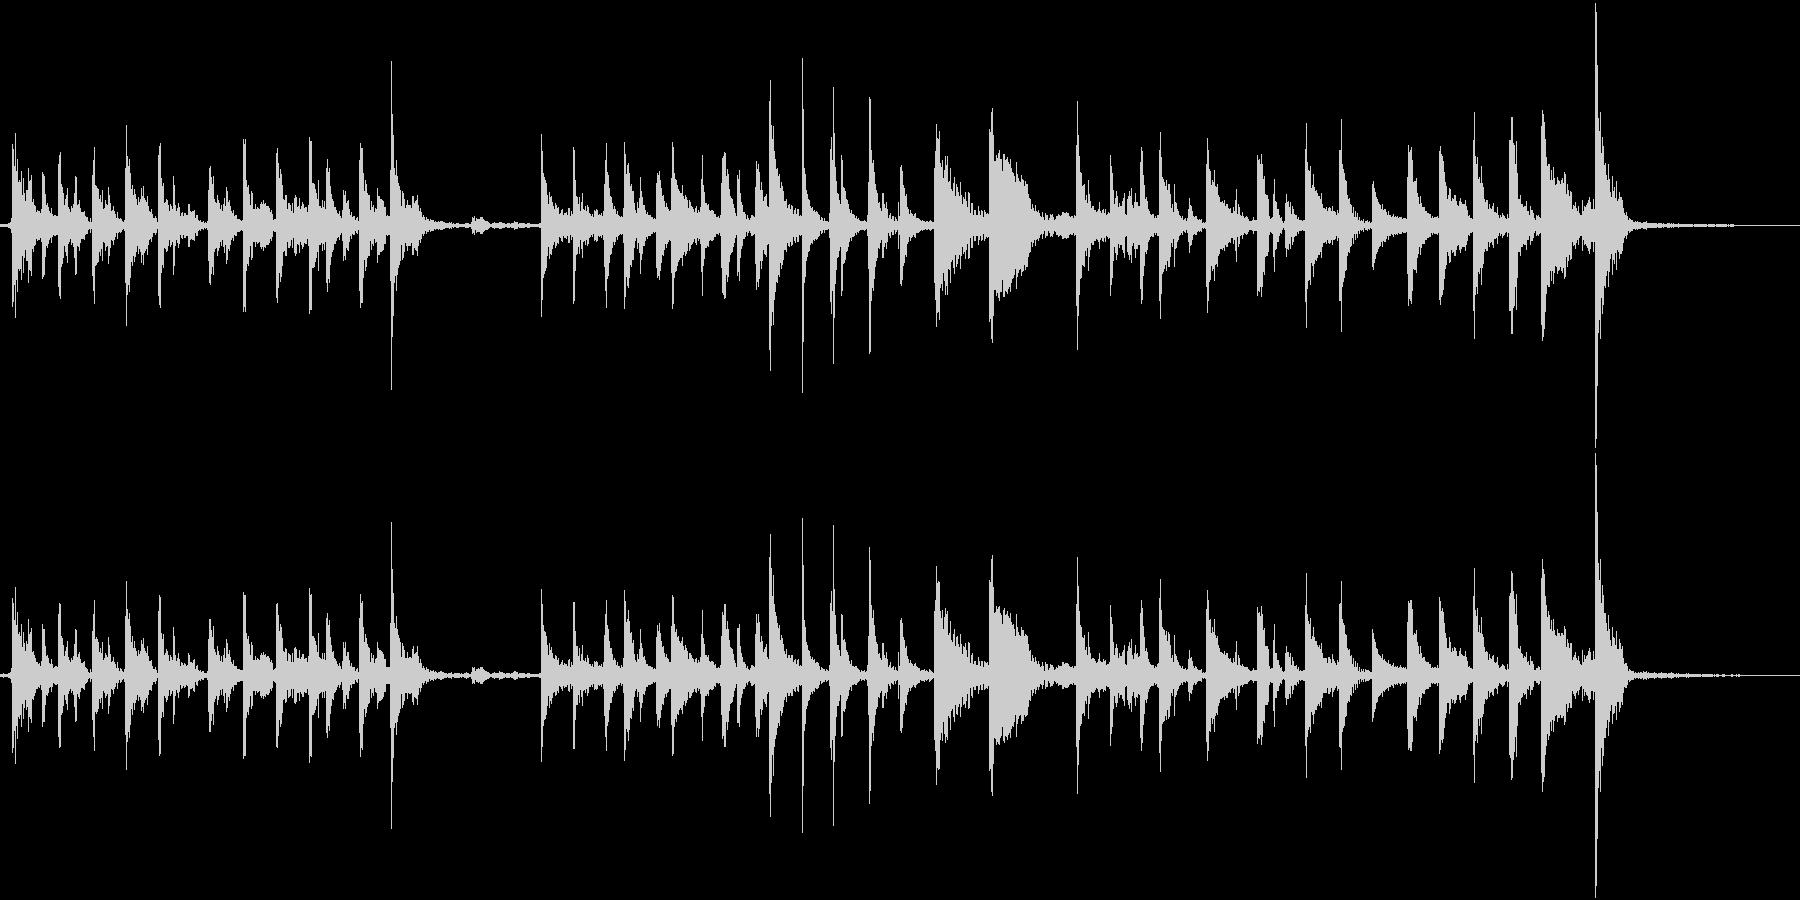 パーカッシブなギター2の未再生の波形